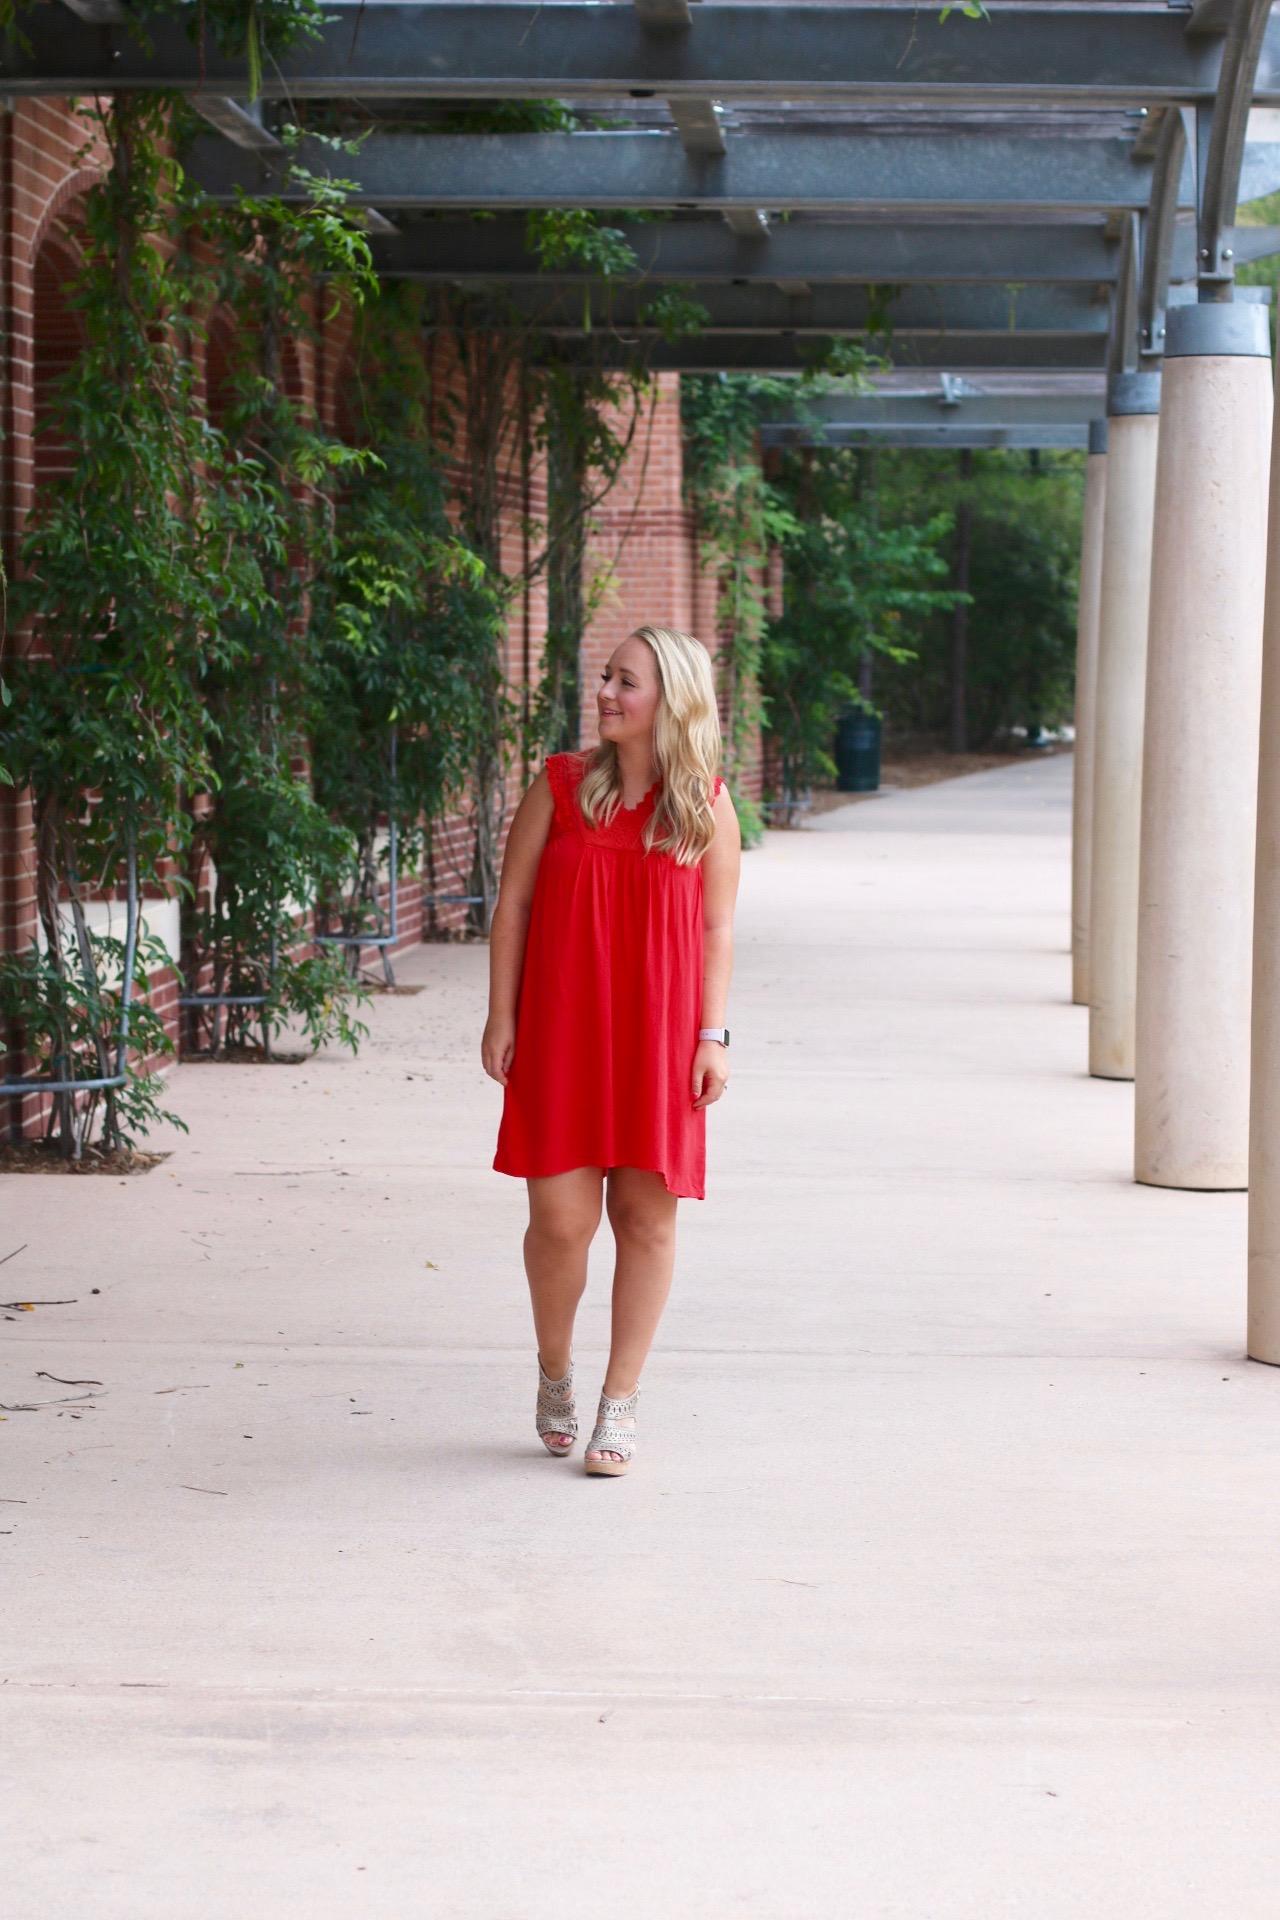 Red Summer Dress #sundress #reddress #theimpeccablepig